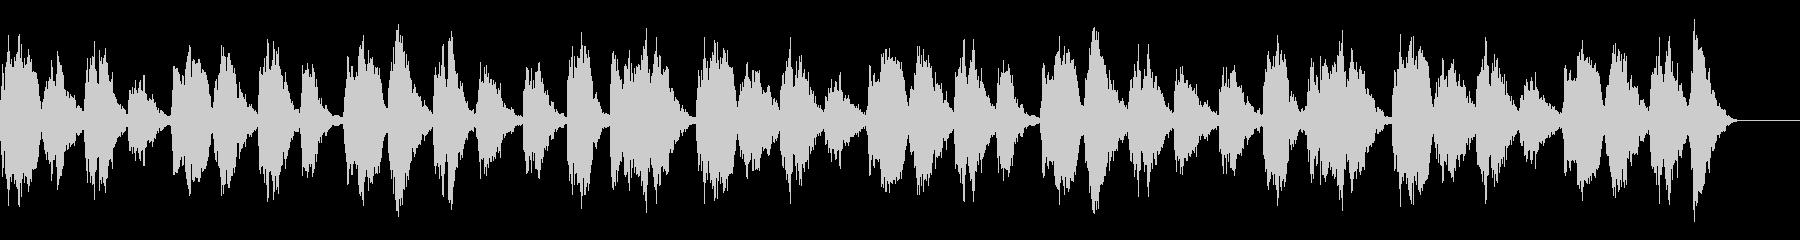 T.V.コンテンポラリーインストゥ...の未再生の波形